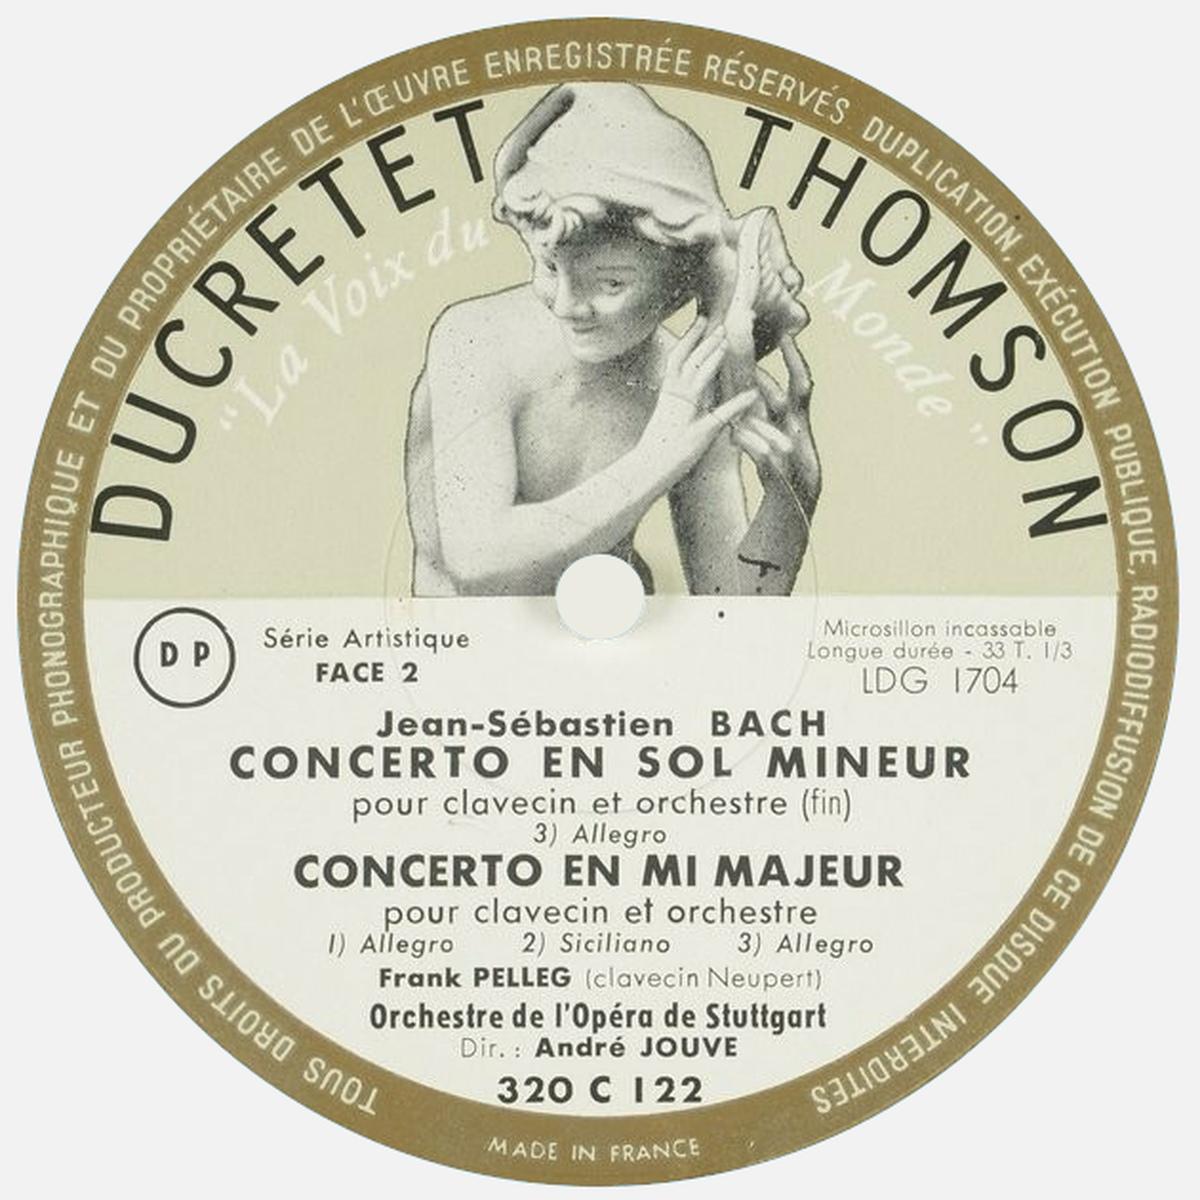 Étiquette verso  du disque Ducretet-Thomson 320 C 122, Cliquer sur la photo pour une vue agrandie et quelques infos